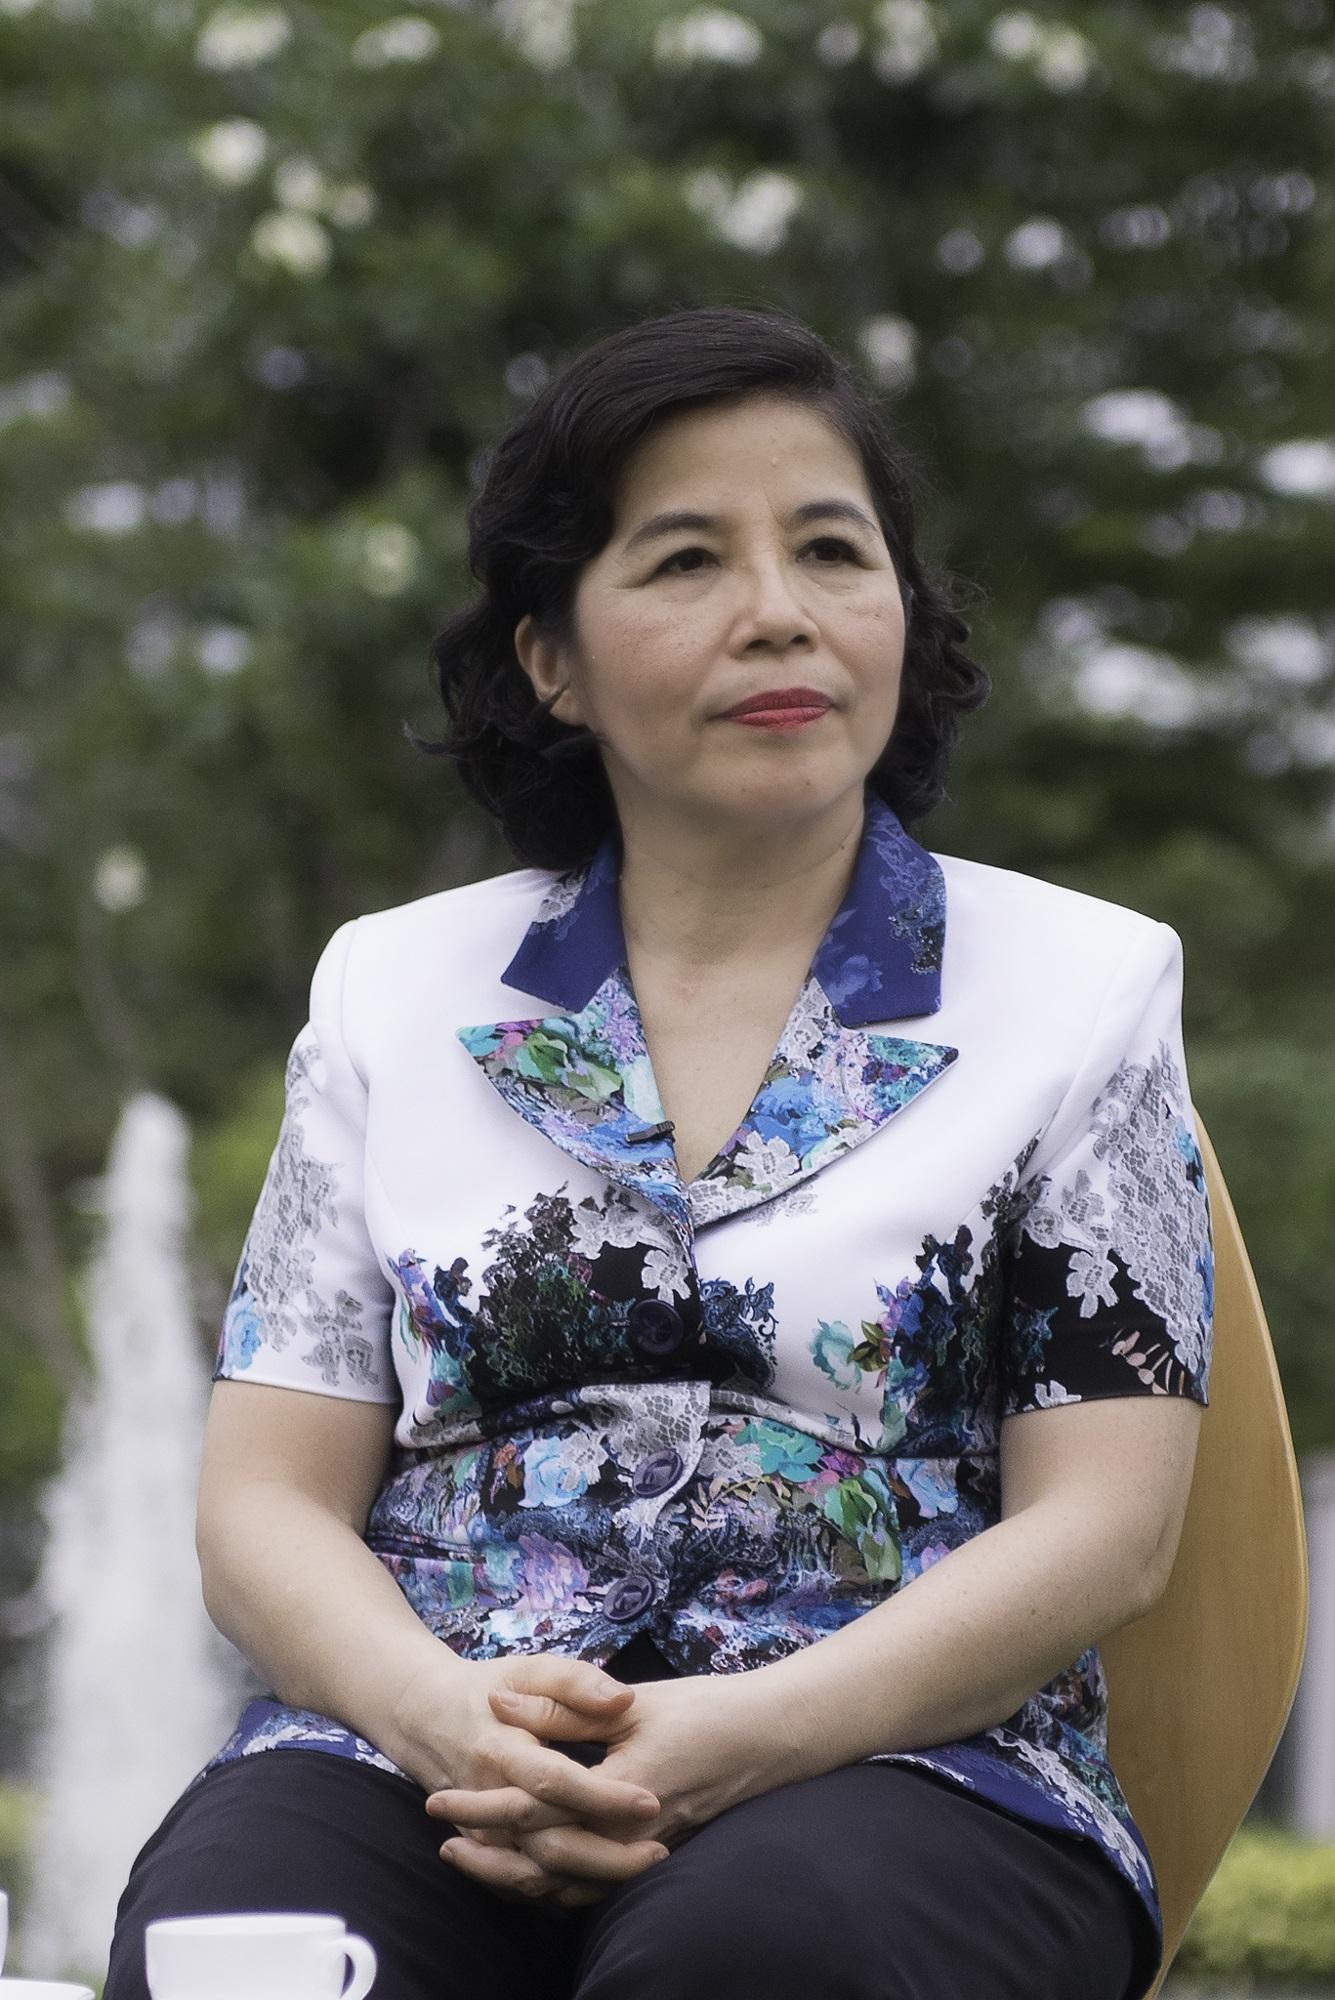 Tổng giám đốc Vinamilk là người phụ nữ duy nhất được Forbes Việt Nam vinh danh với giải thưởng 'Thành tựu trọn đời' - Ảnh 1